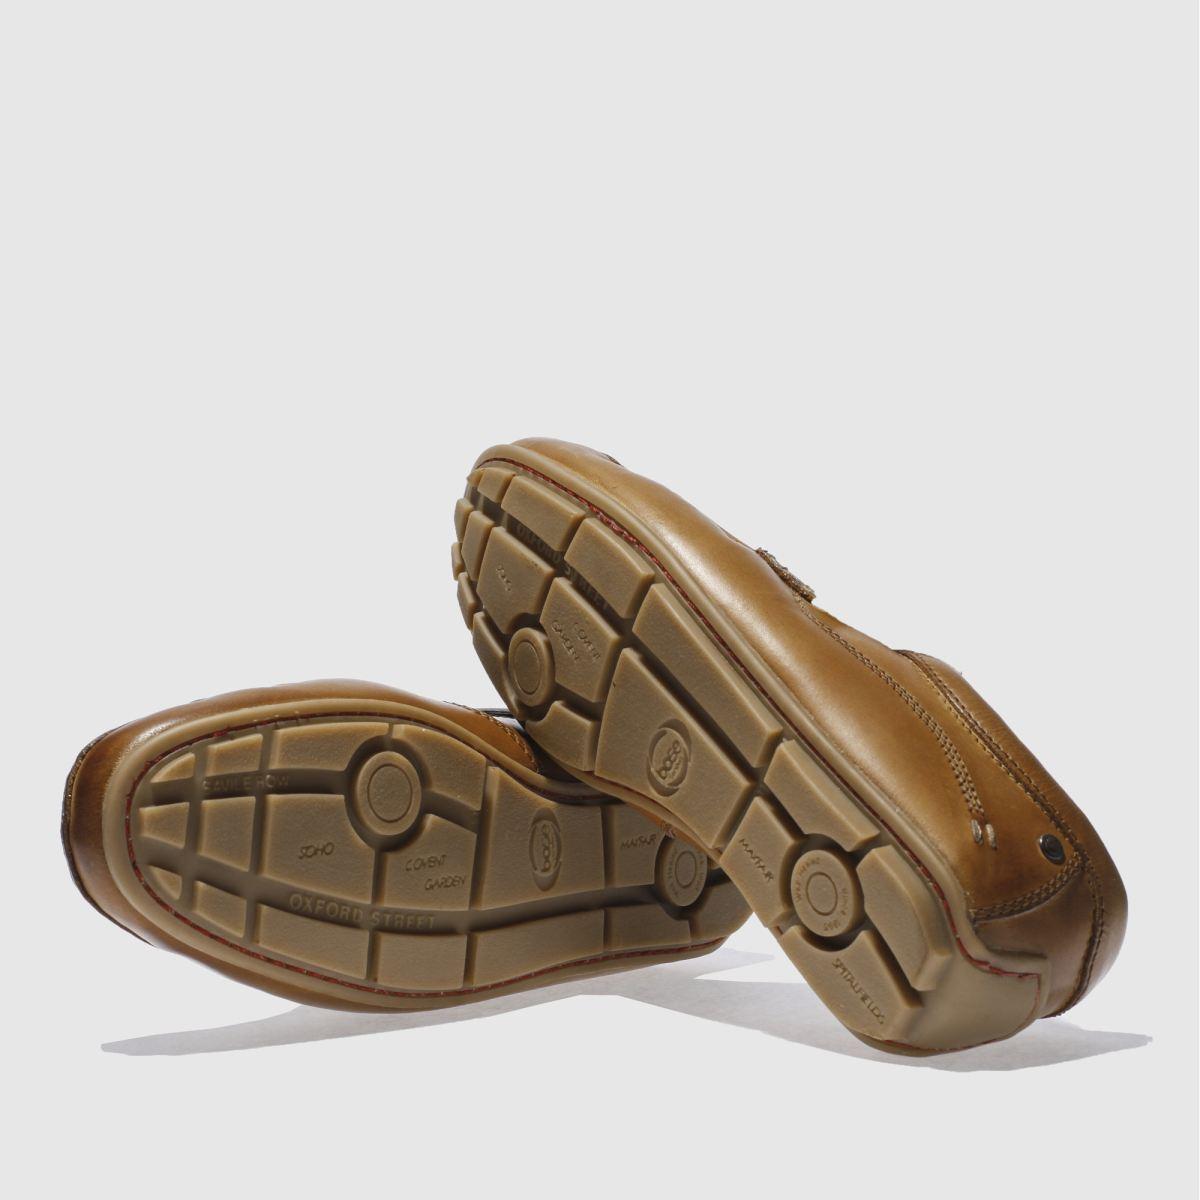 Herren Hellbraun Gute base london Britain Loafer Schuhe | schuh Gute Hellbraun Qualität beliebte Schuhe a4ef0a